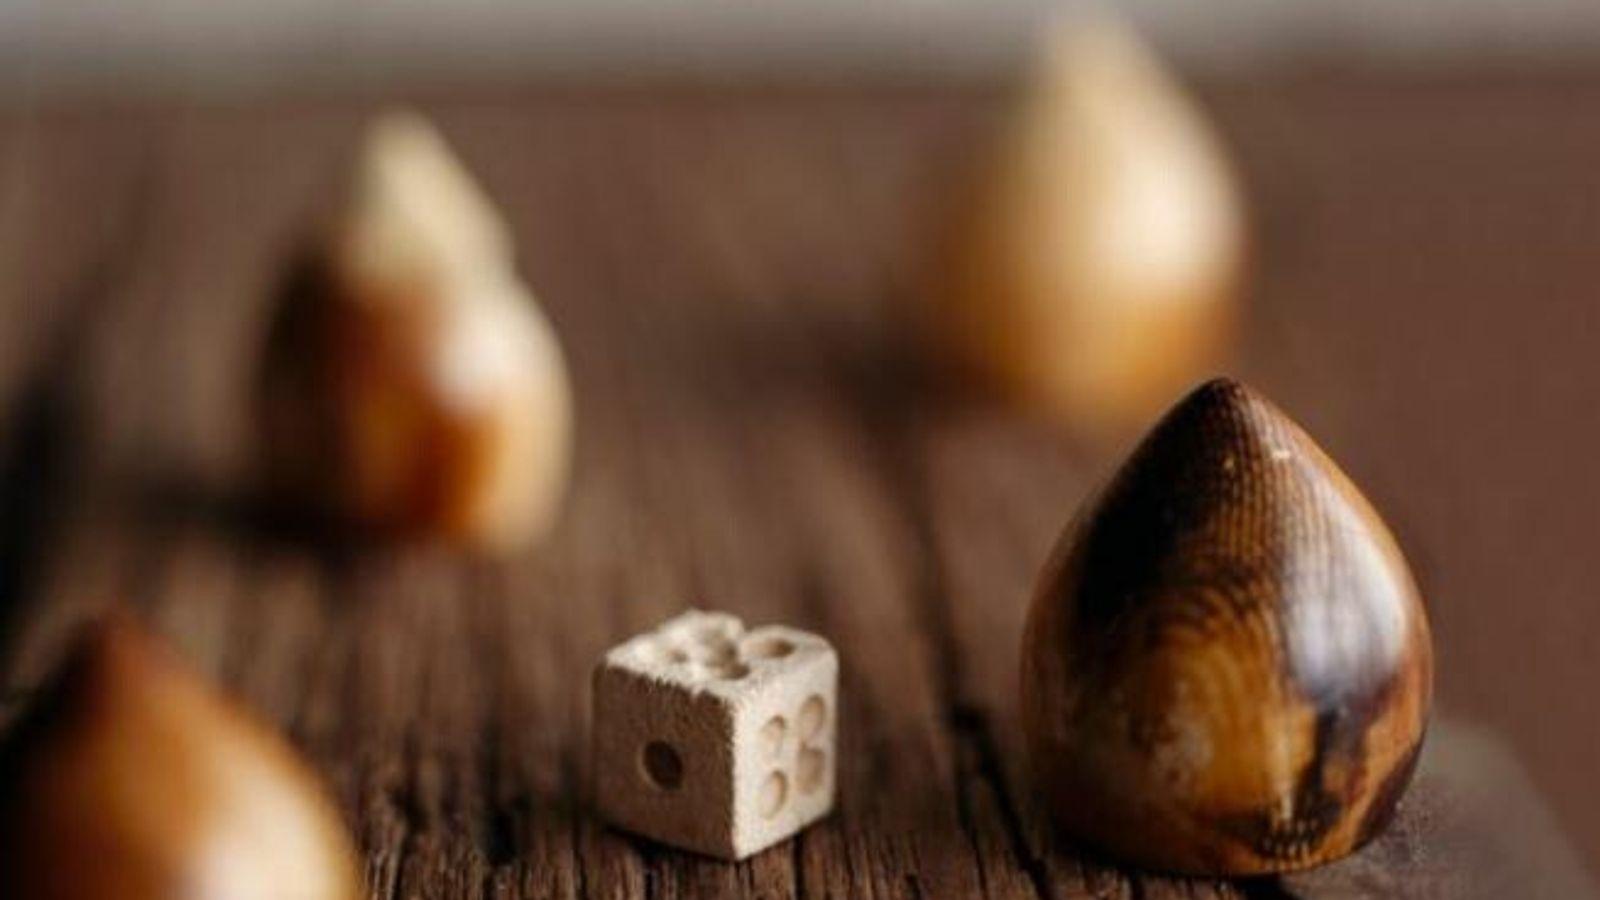 Un dé en os et des glands en ivoire mesurant 2,5 centimètres de haut, sans doute des ...